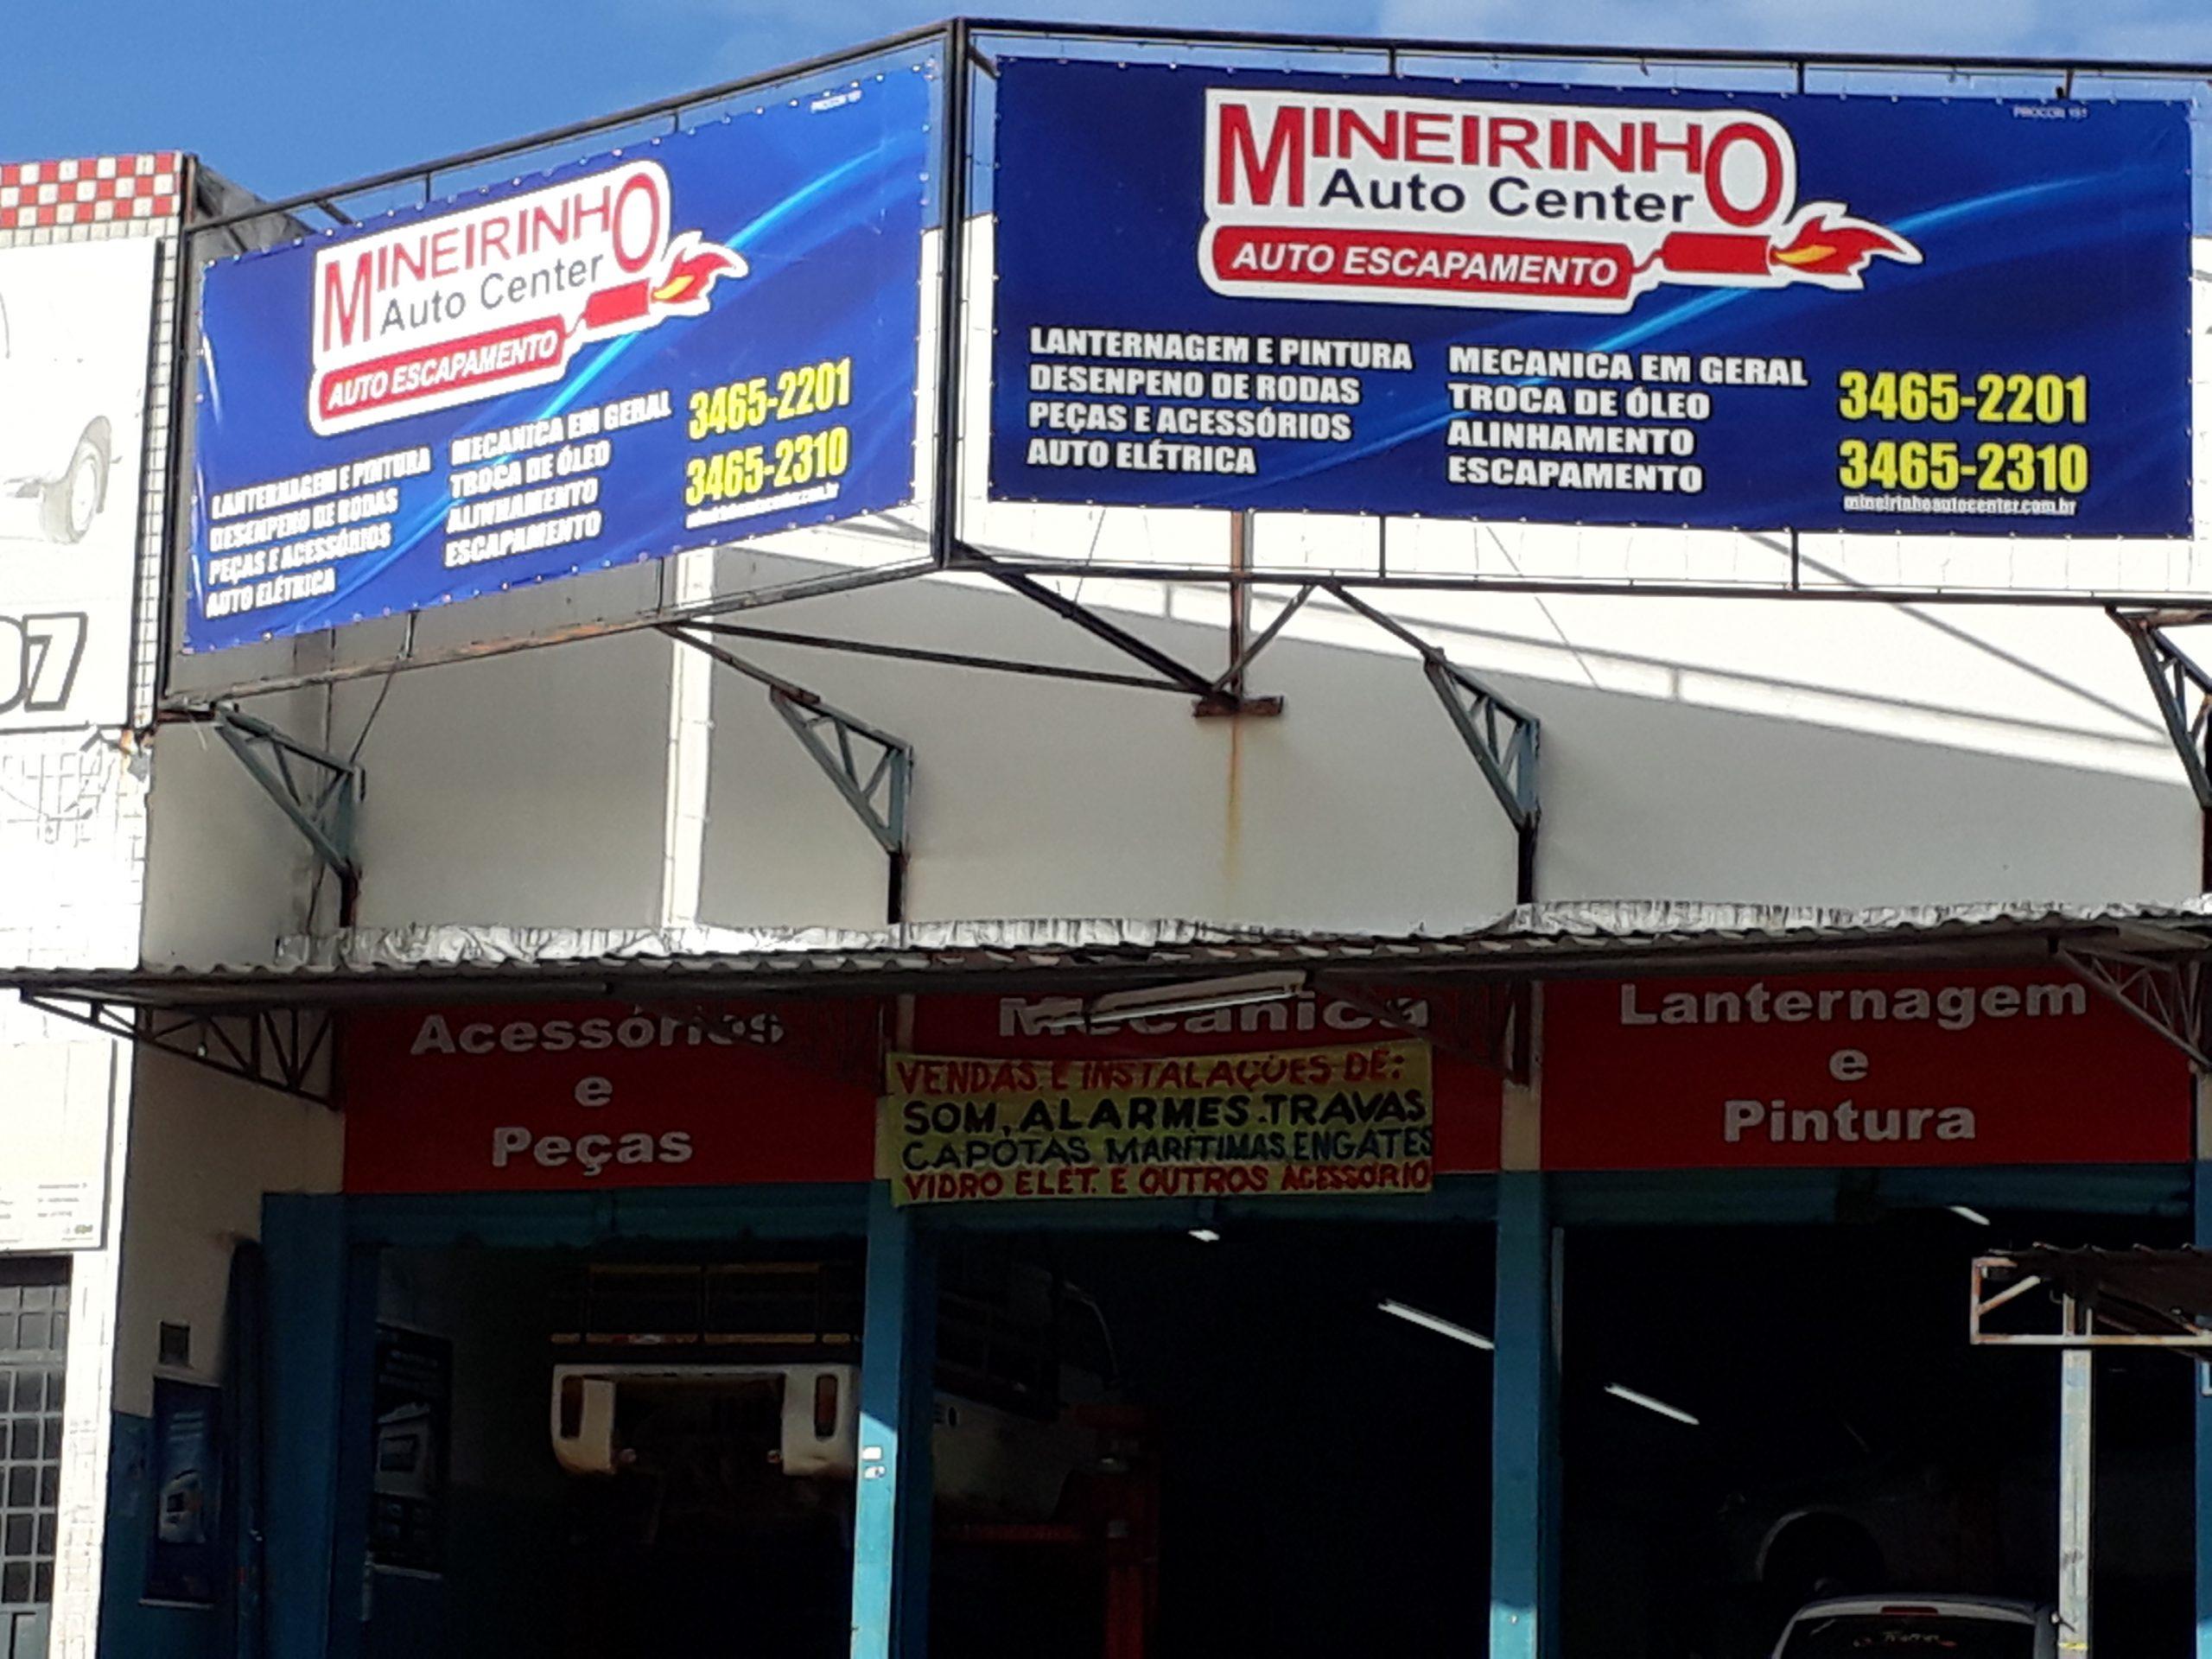 Photo of MINEIRINHO AUTO CENTER, SOF NORTE